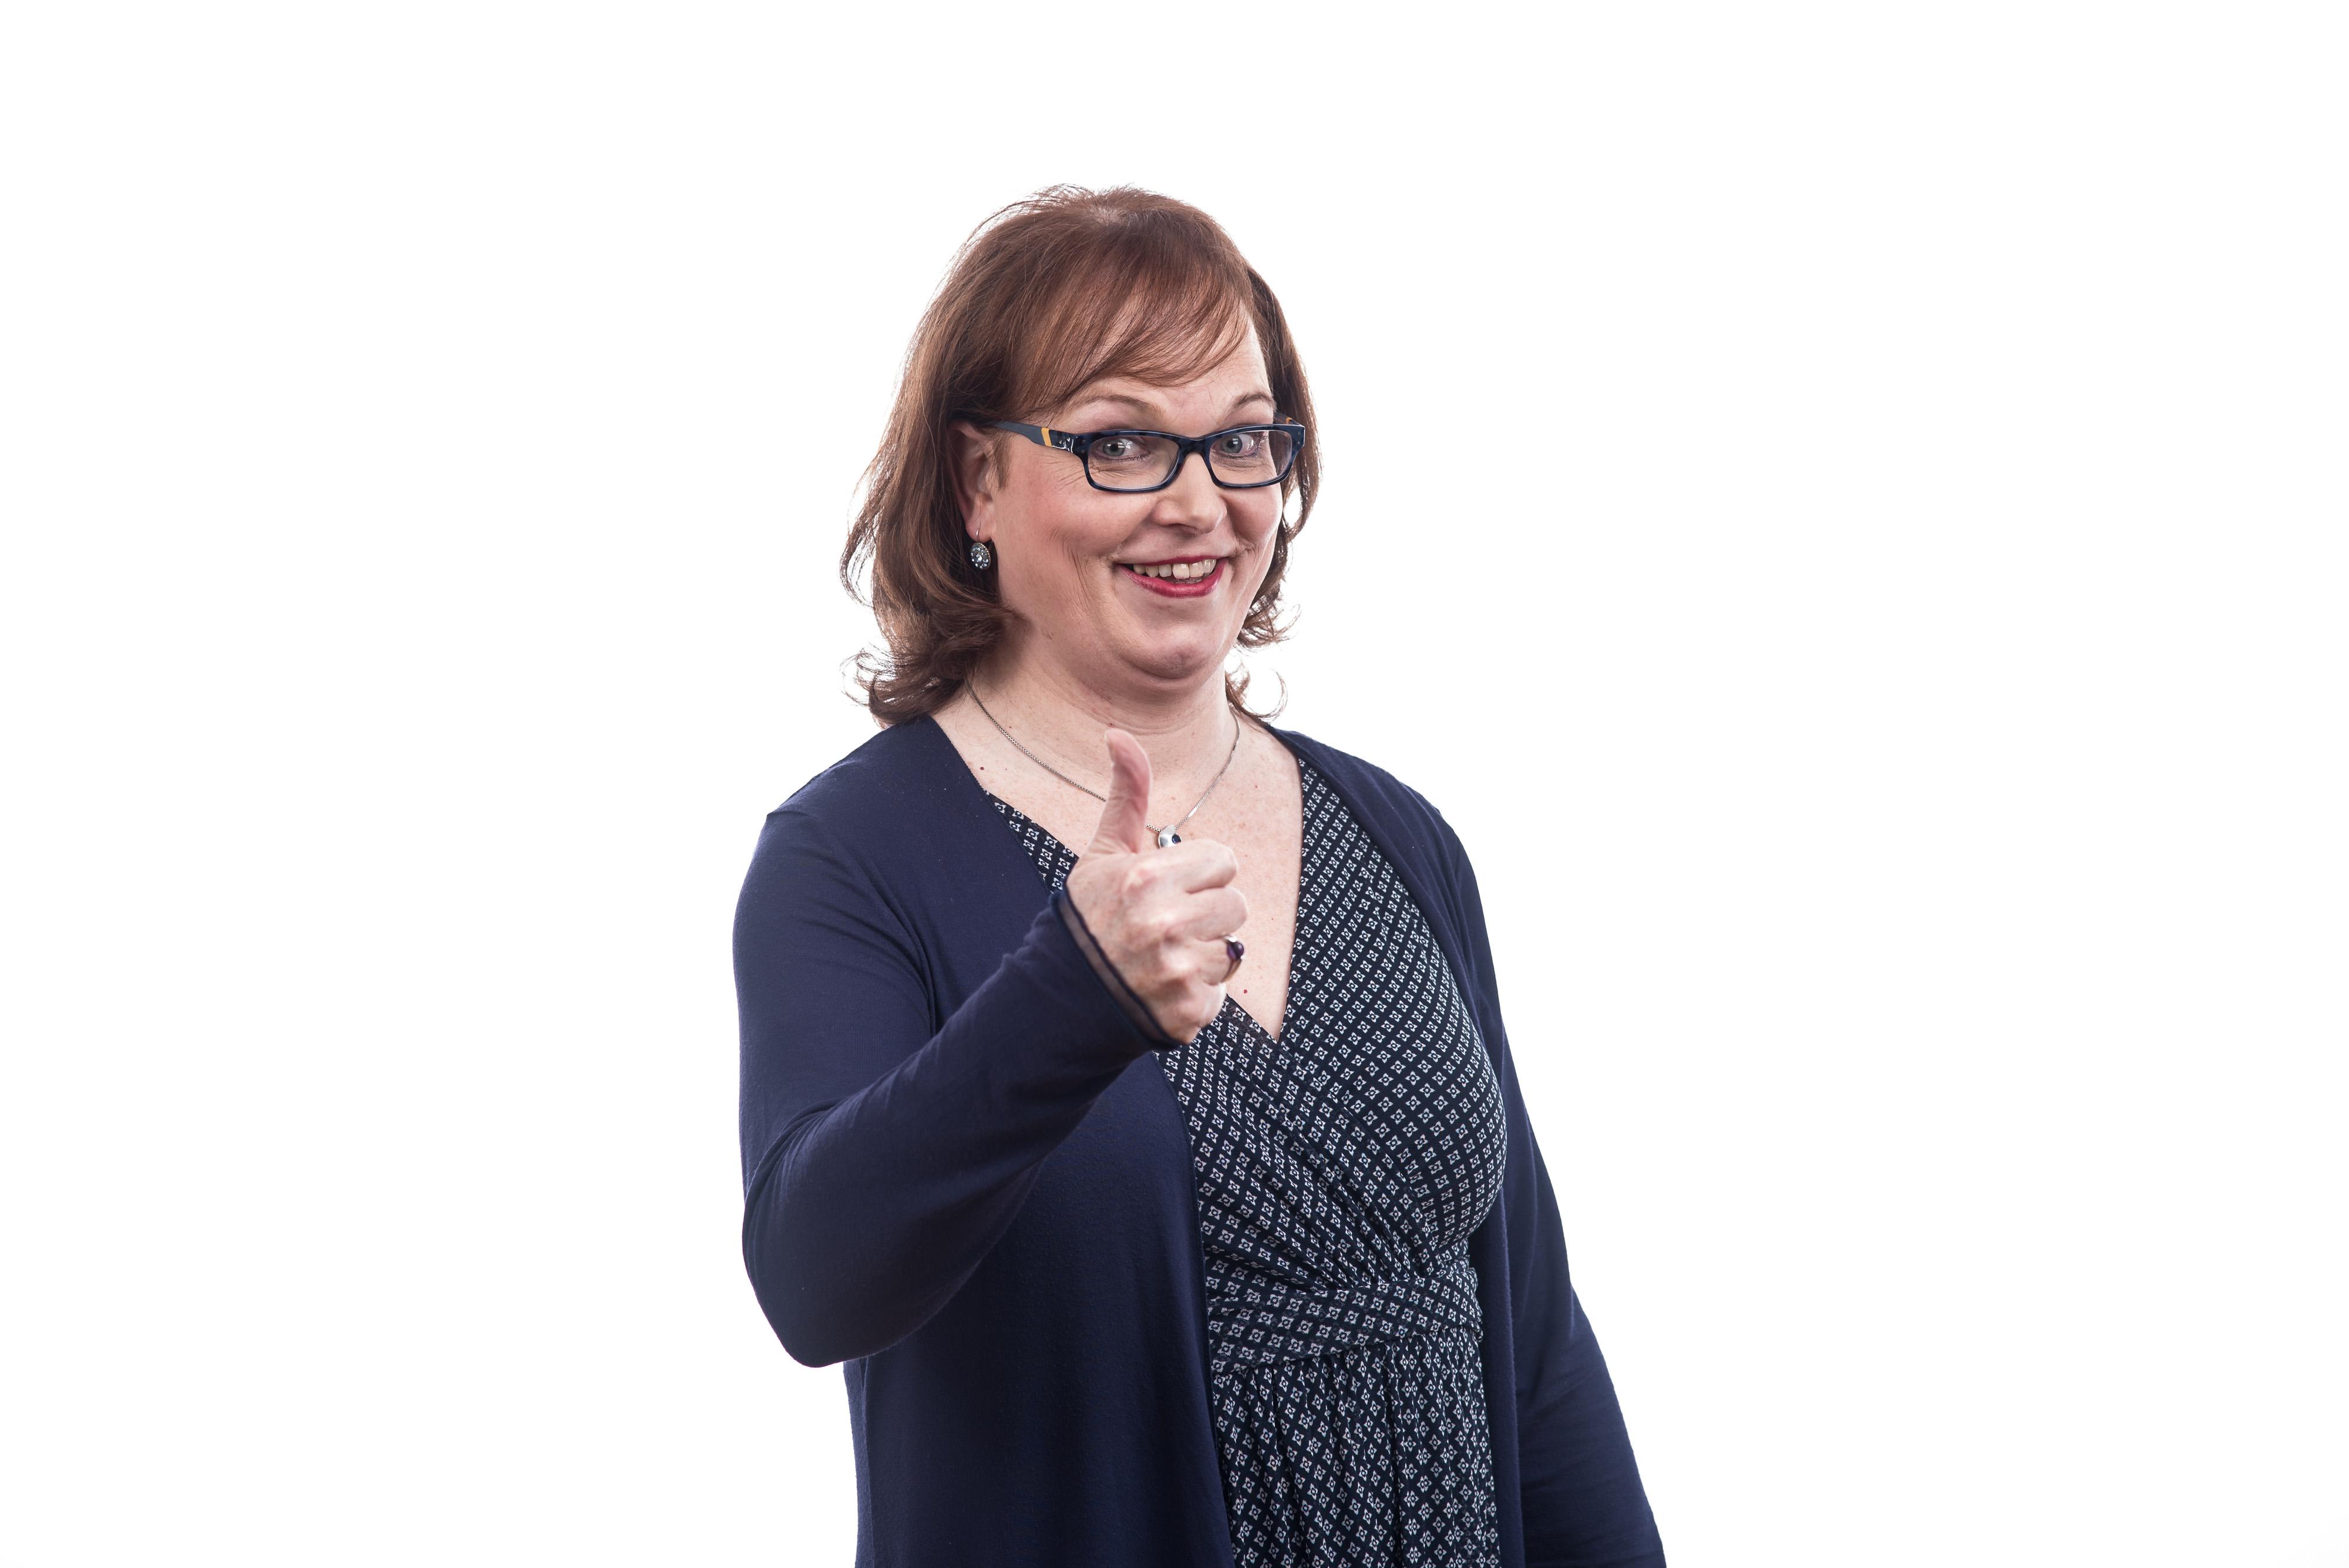 Vera Nentwich Vorsitzende Selfpublisher-Verband und Selfpublishing-Autorin